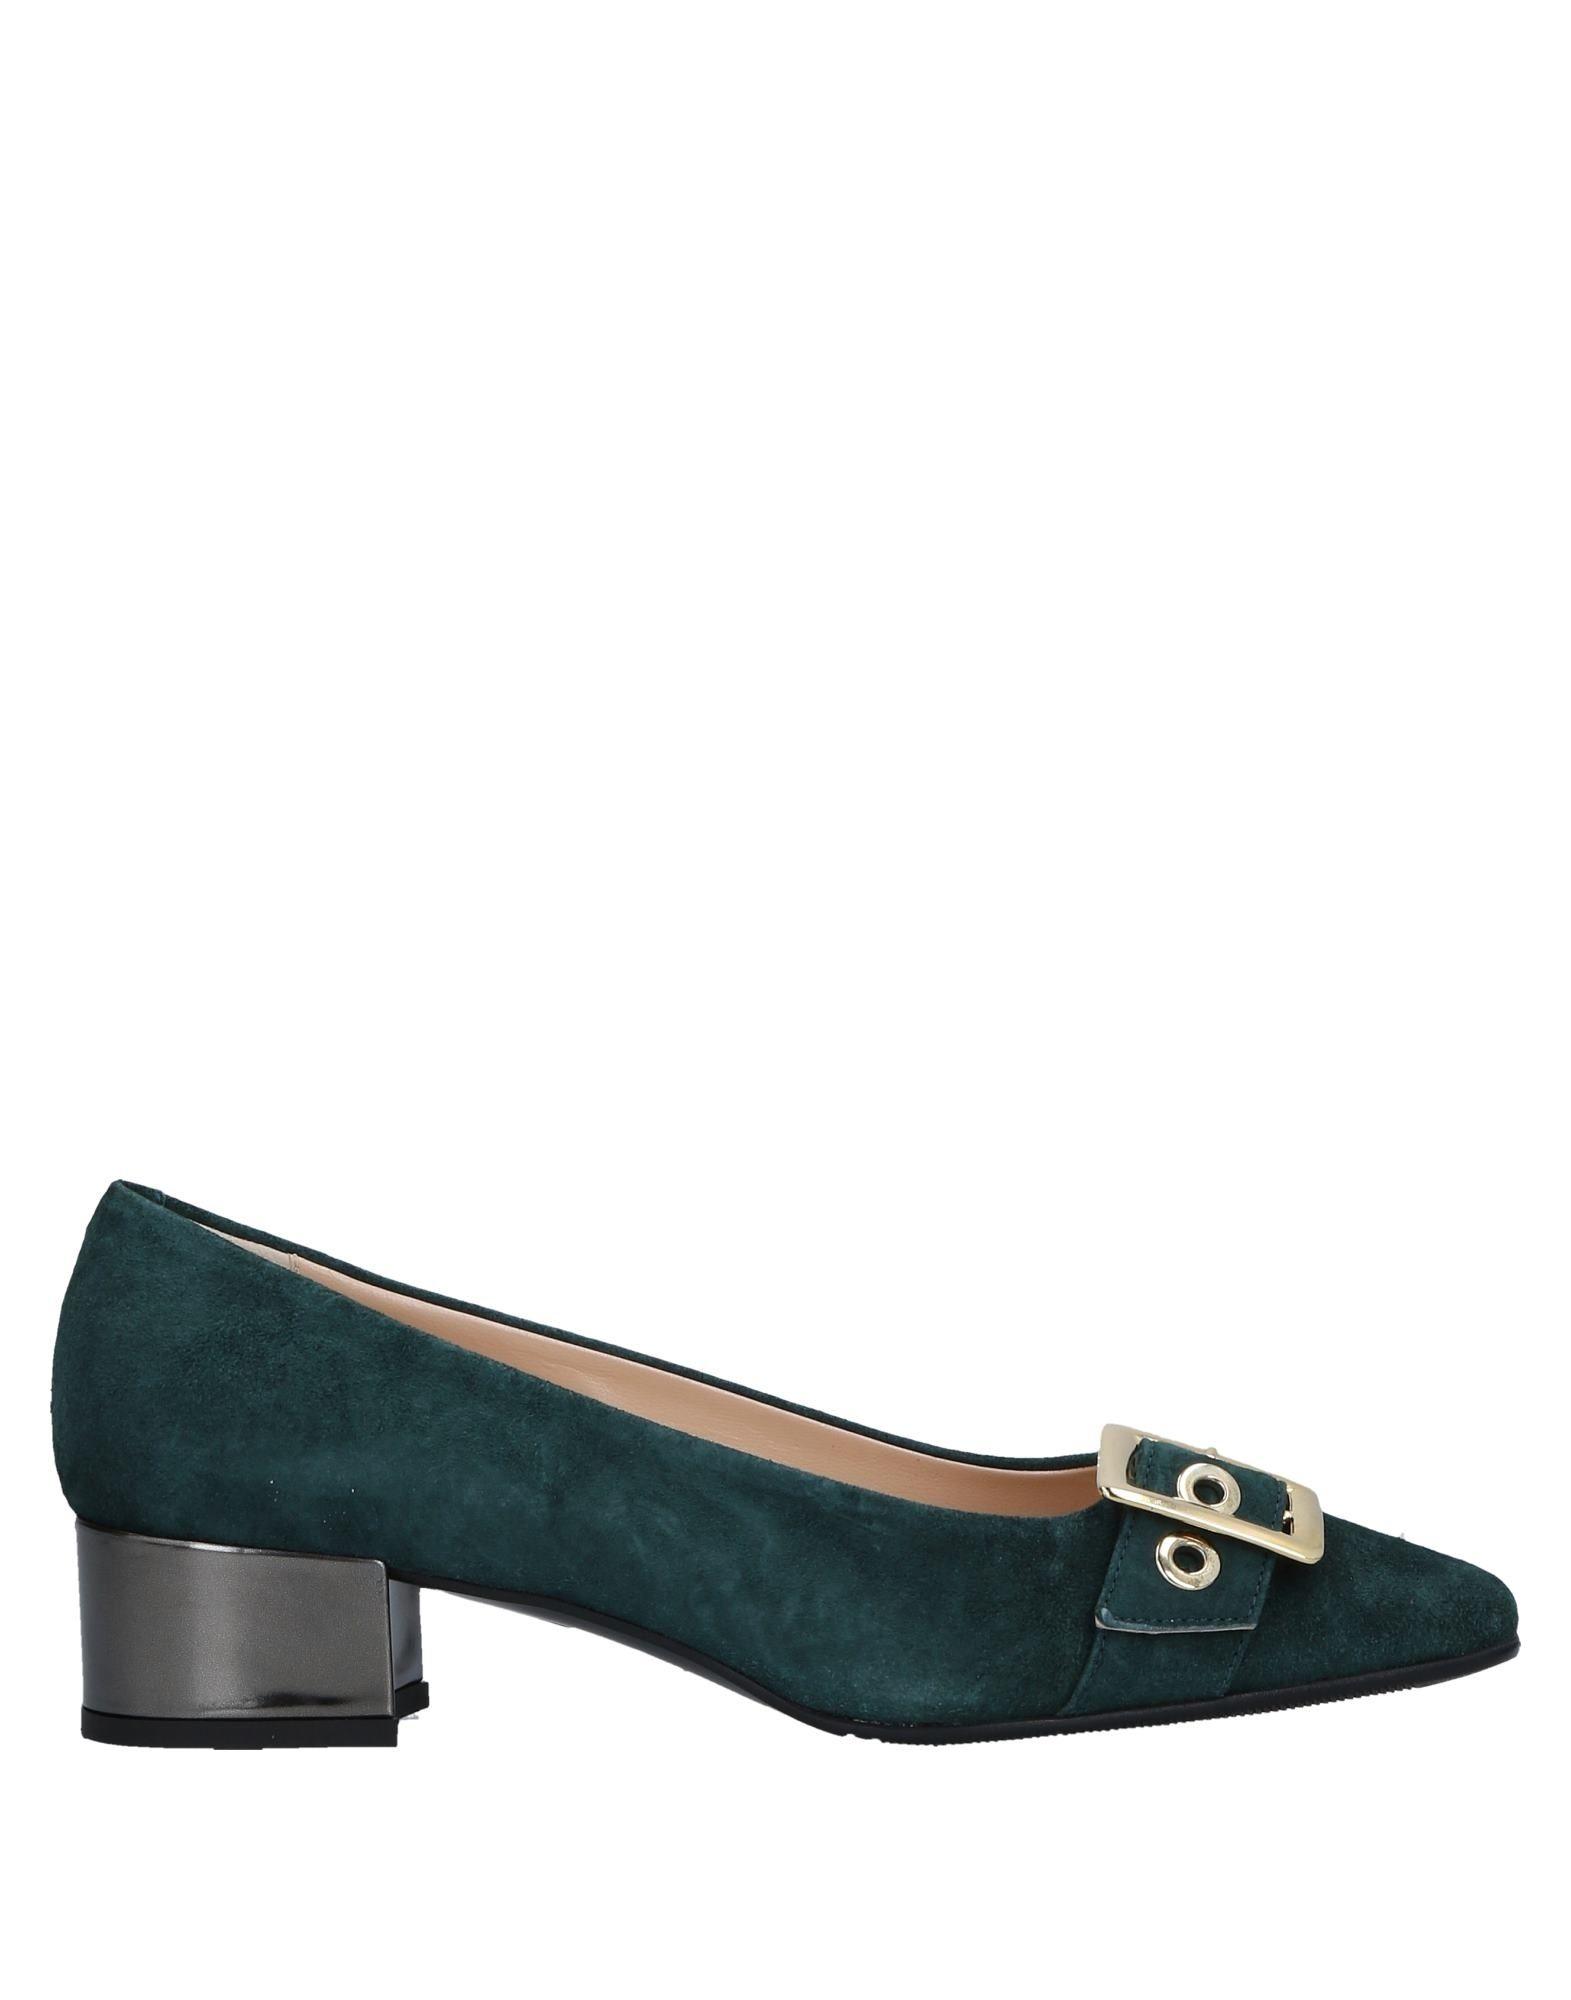 F.Lli Bruglia Pumps Damen  11525535IUGut aussehende strapazierfähige Schuhe